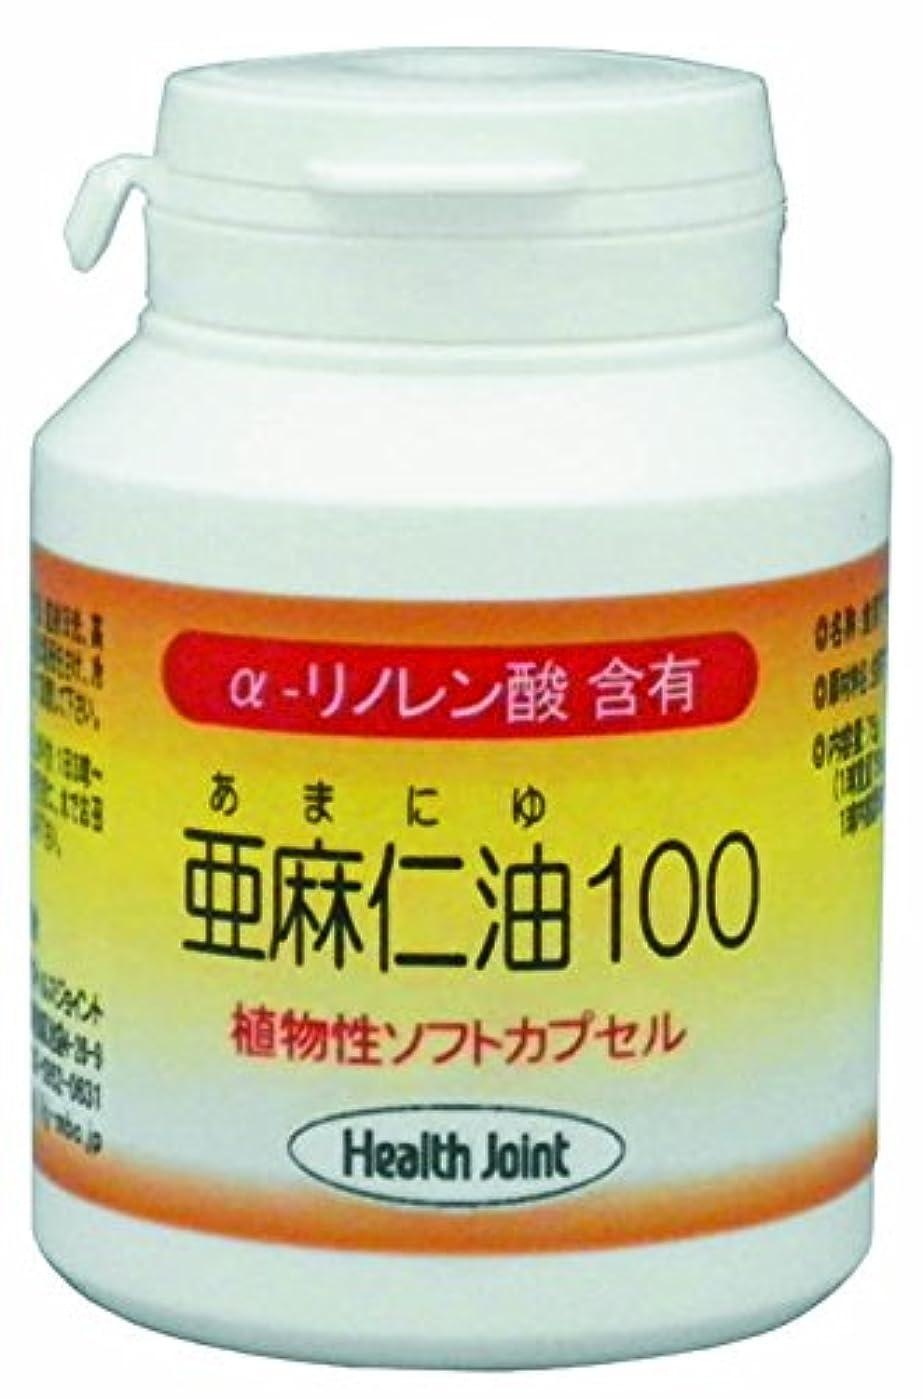 亜麻仁油100 植物性ソフトカプセル 100球 おまとめ3個セット